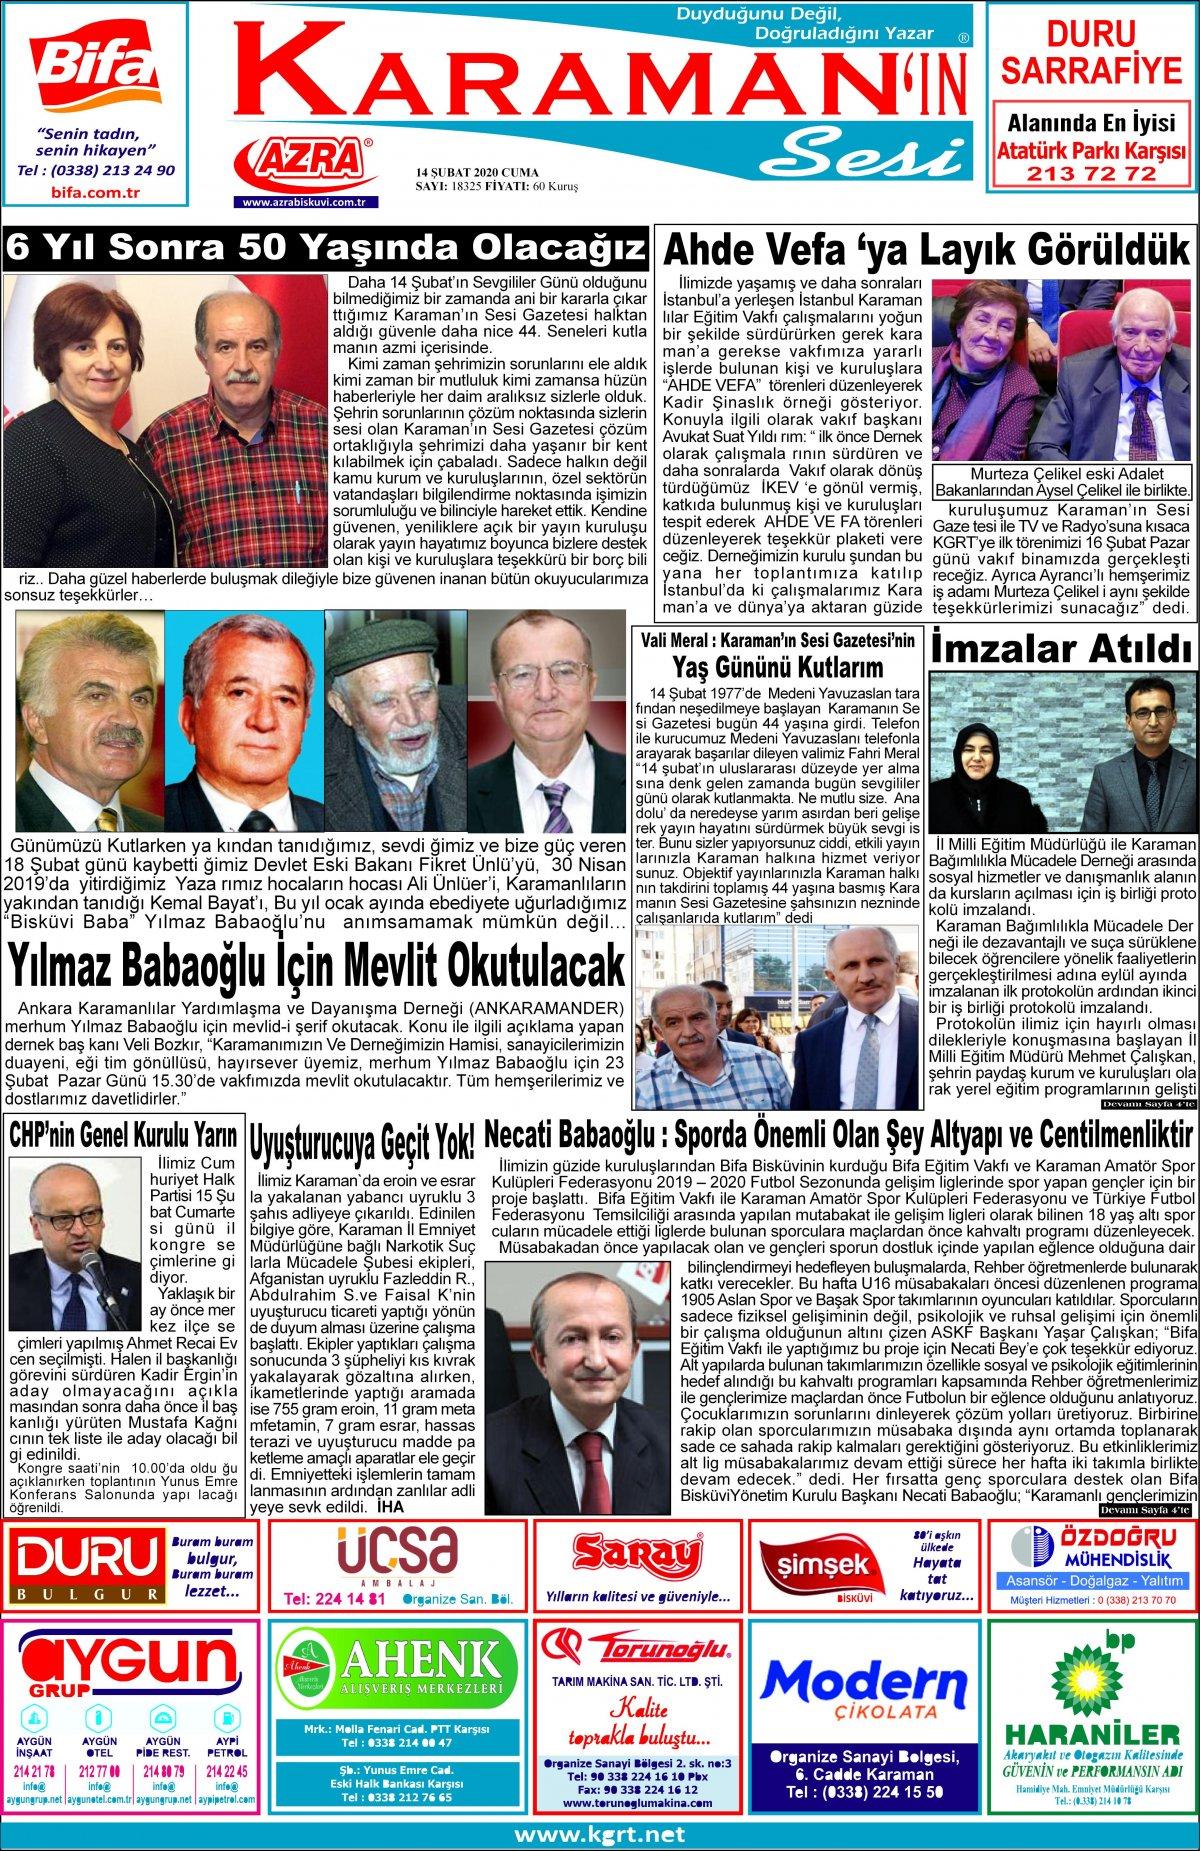 www.kgrt.net | Karaman Haber - 14.02.2020 Manşeti